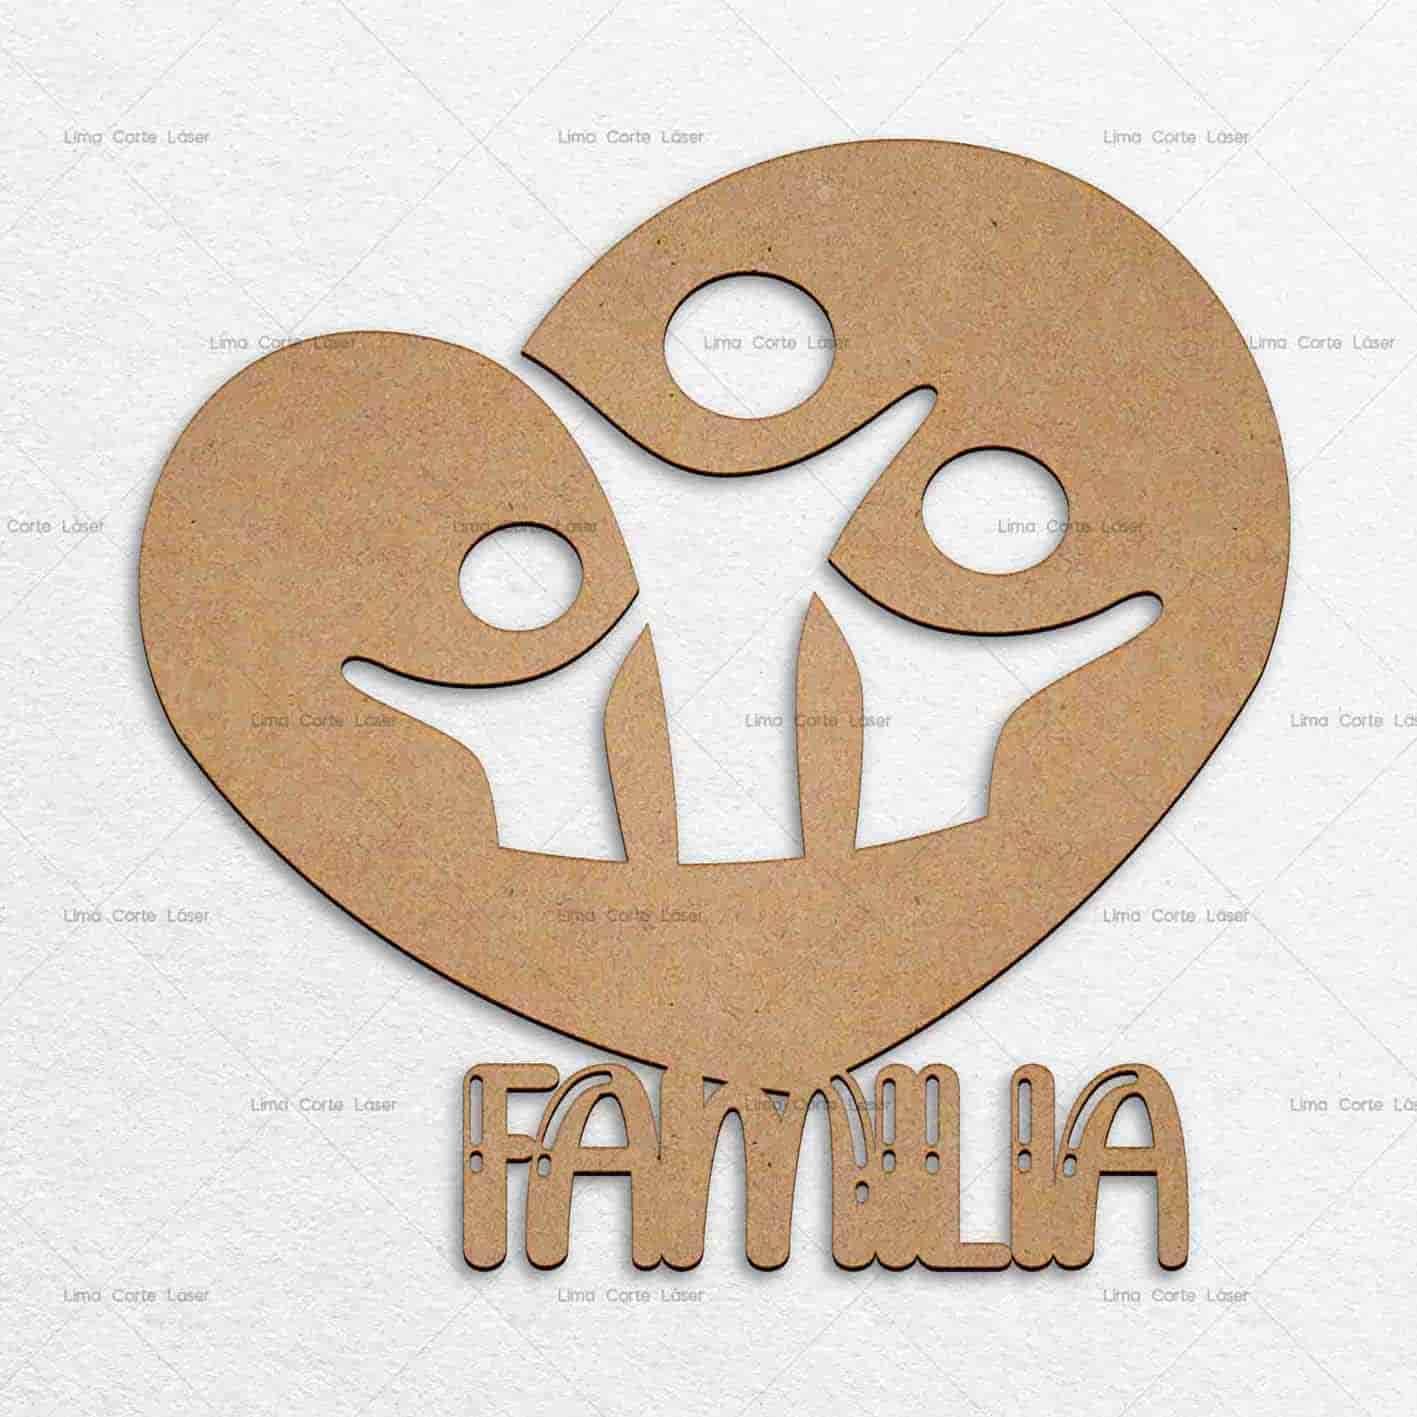 Adorno para pared con forma de un corazón y la frase familia hecho de mdf y cortado con láser